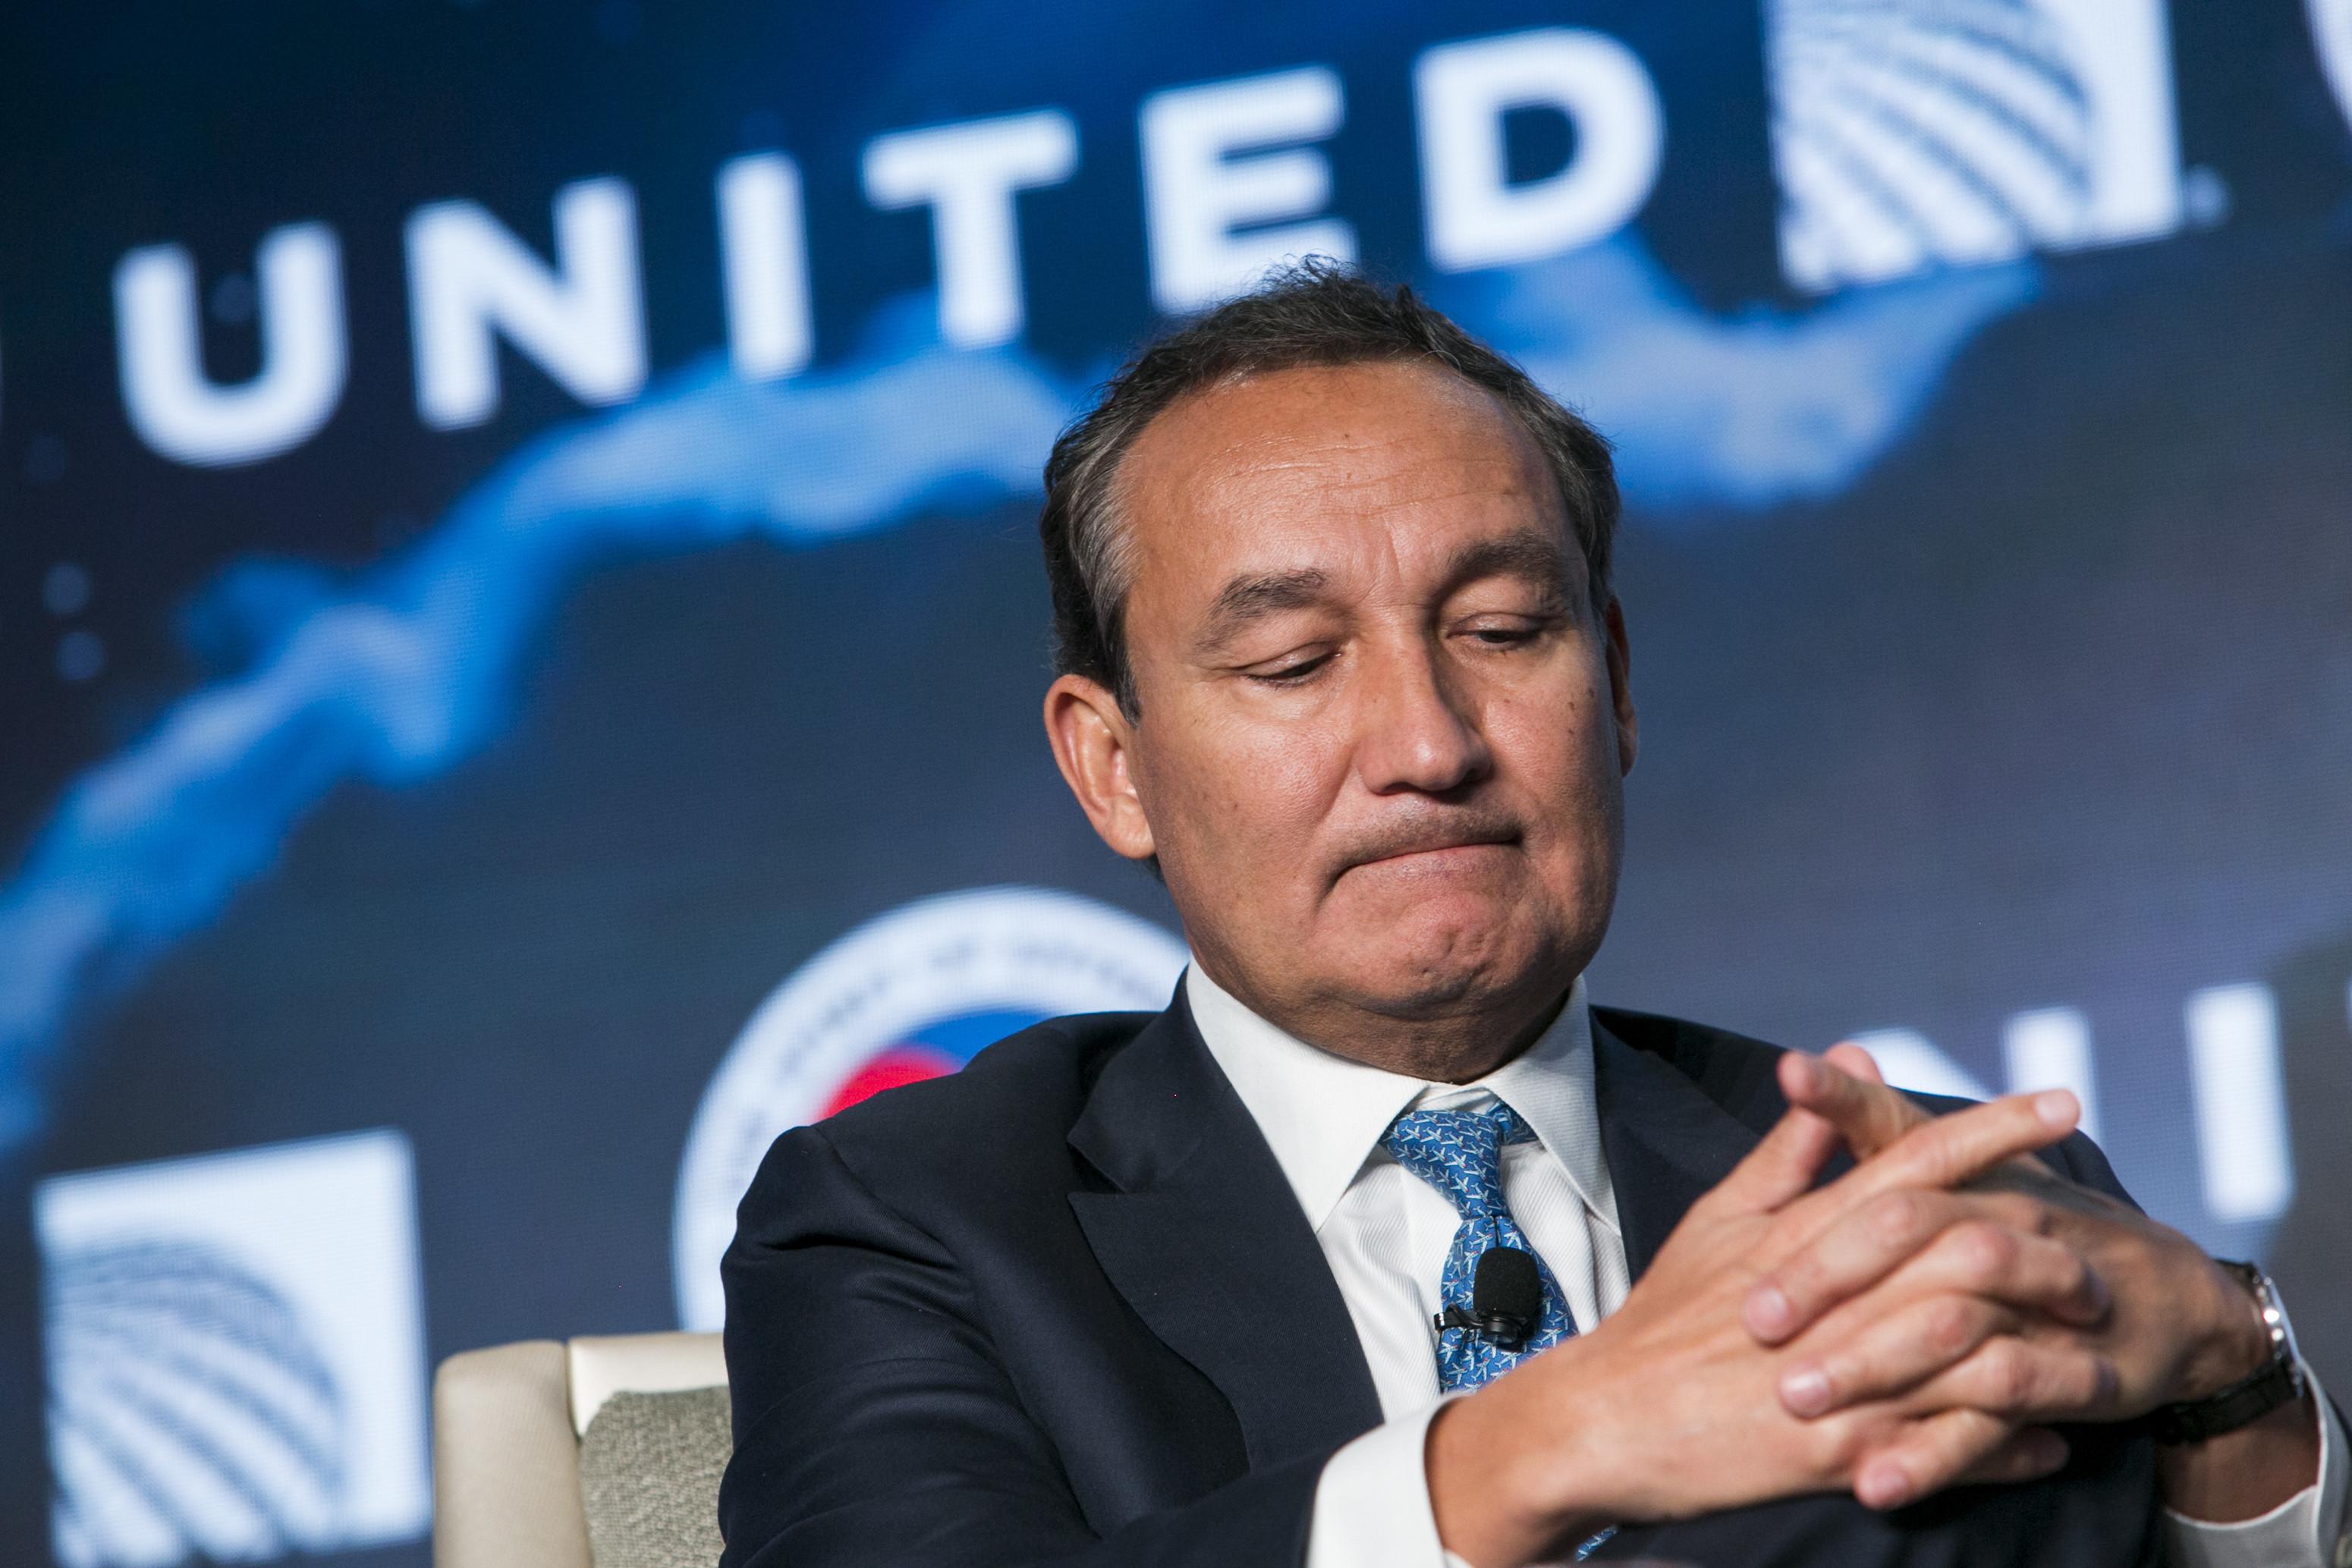 联合航空CEO年薪2亿!一夕之间搞砸世界第三大航空公司的男人!